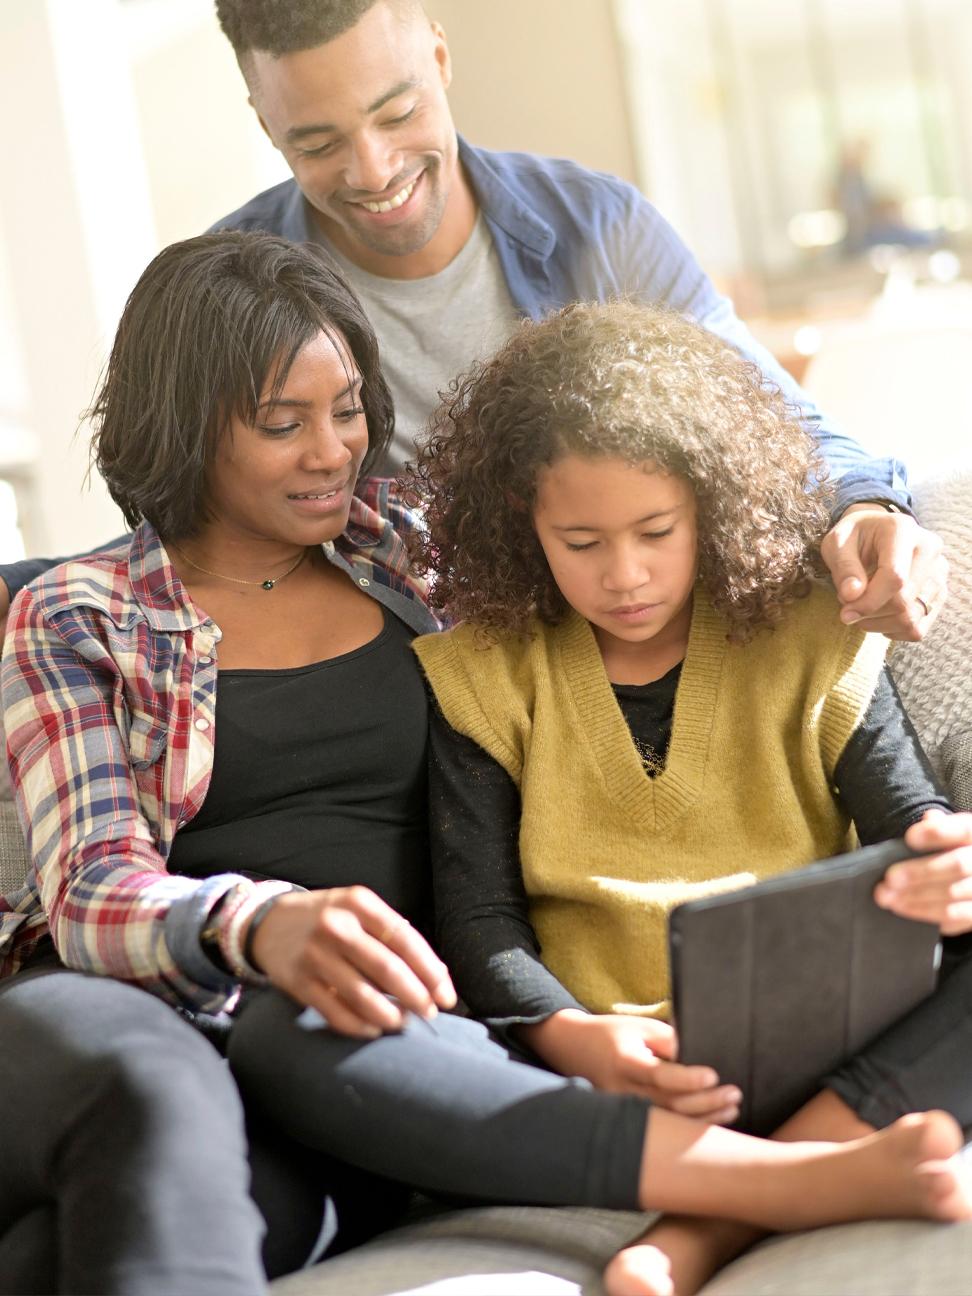 Family looking at an ipad